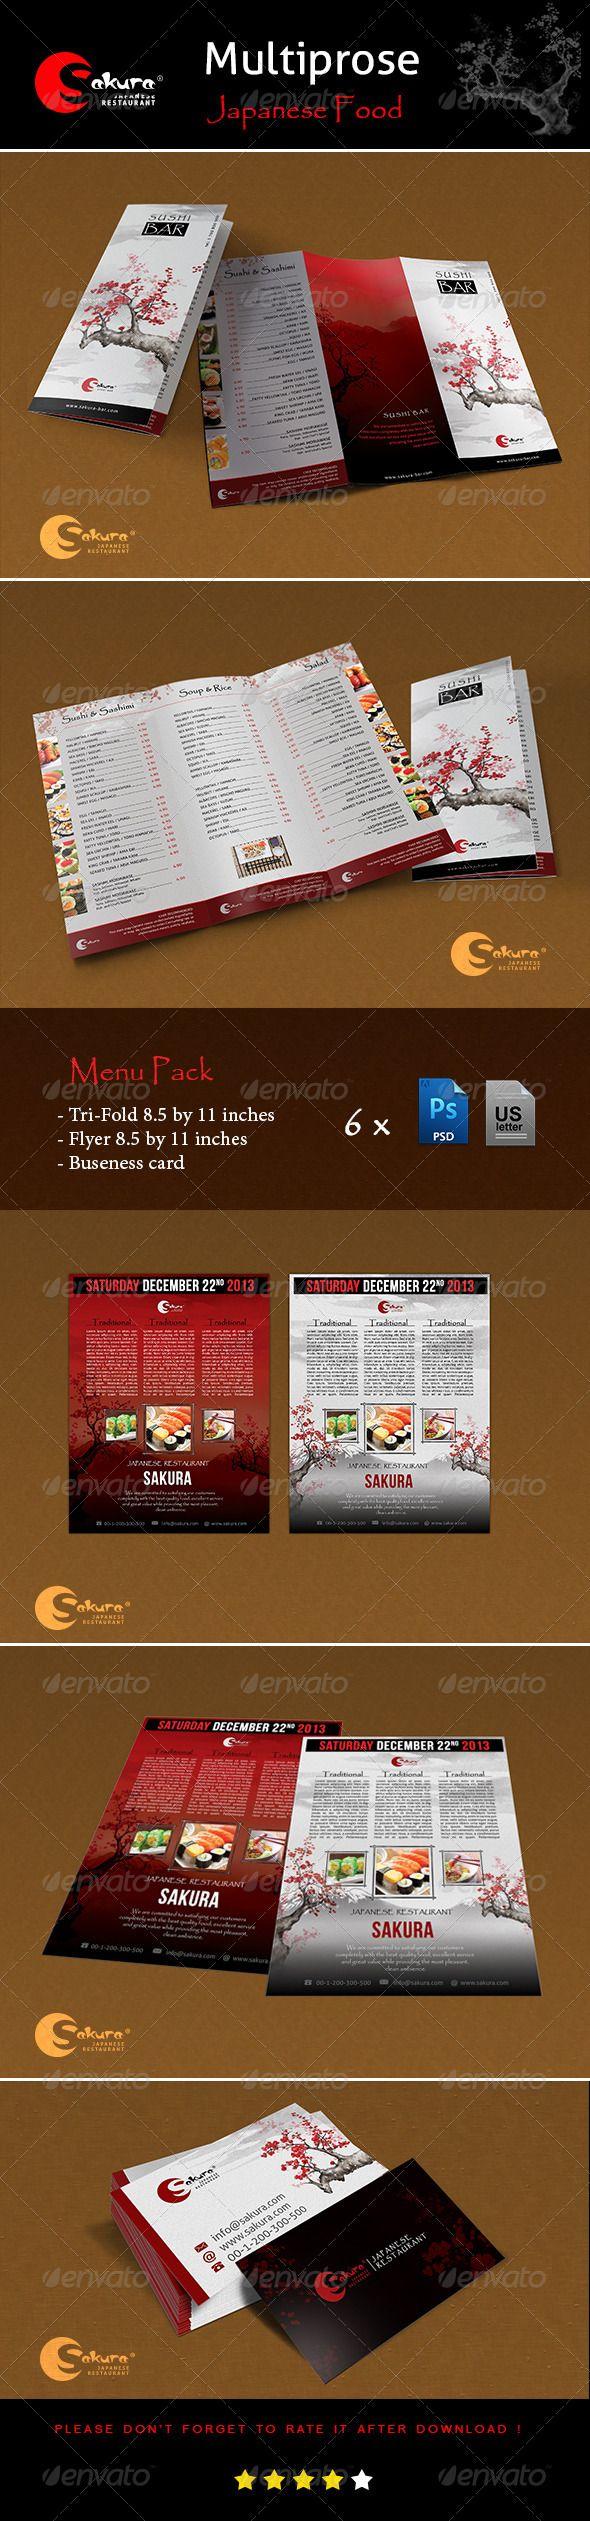 """#Menu Pack """"Sakura"""" - #Food Menus Print #Templates Download here: https://graphicriver.net/item/menu-pack-sakura/5779998?ref=alena994"""